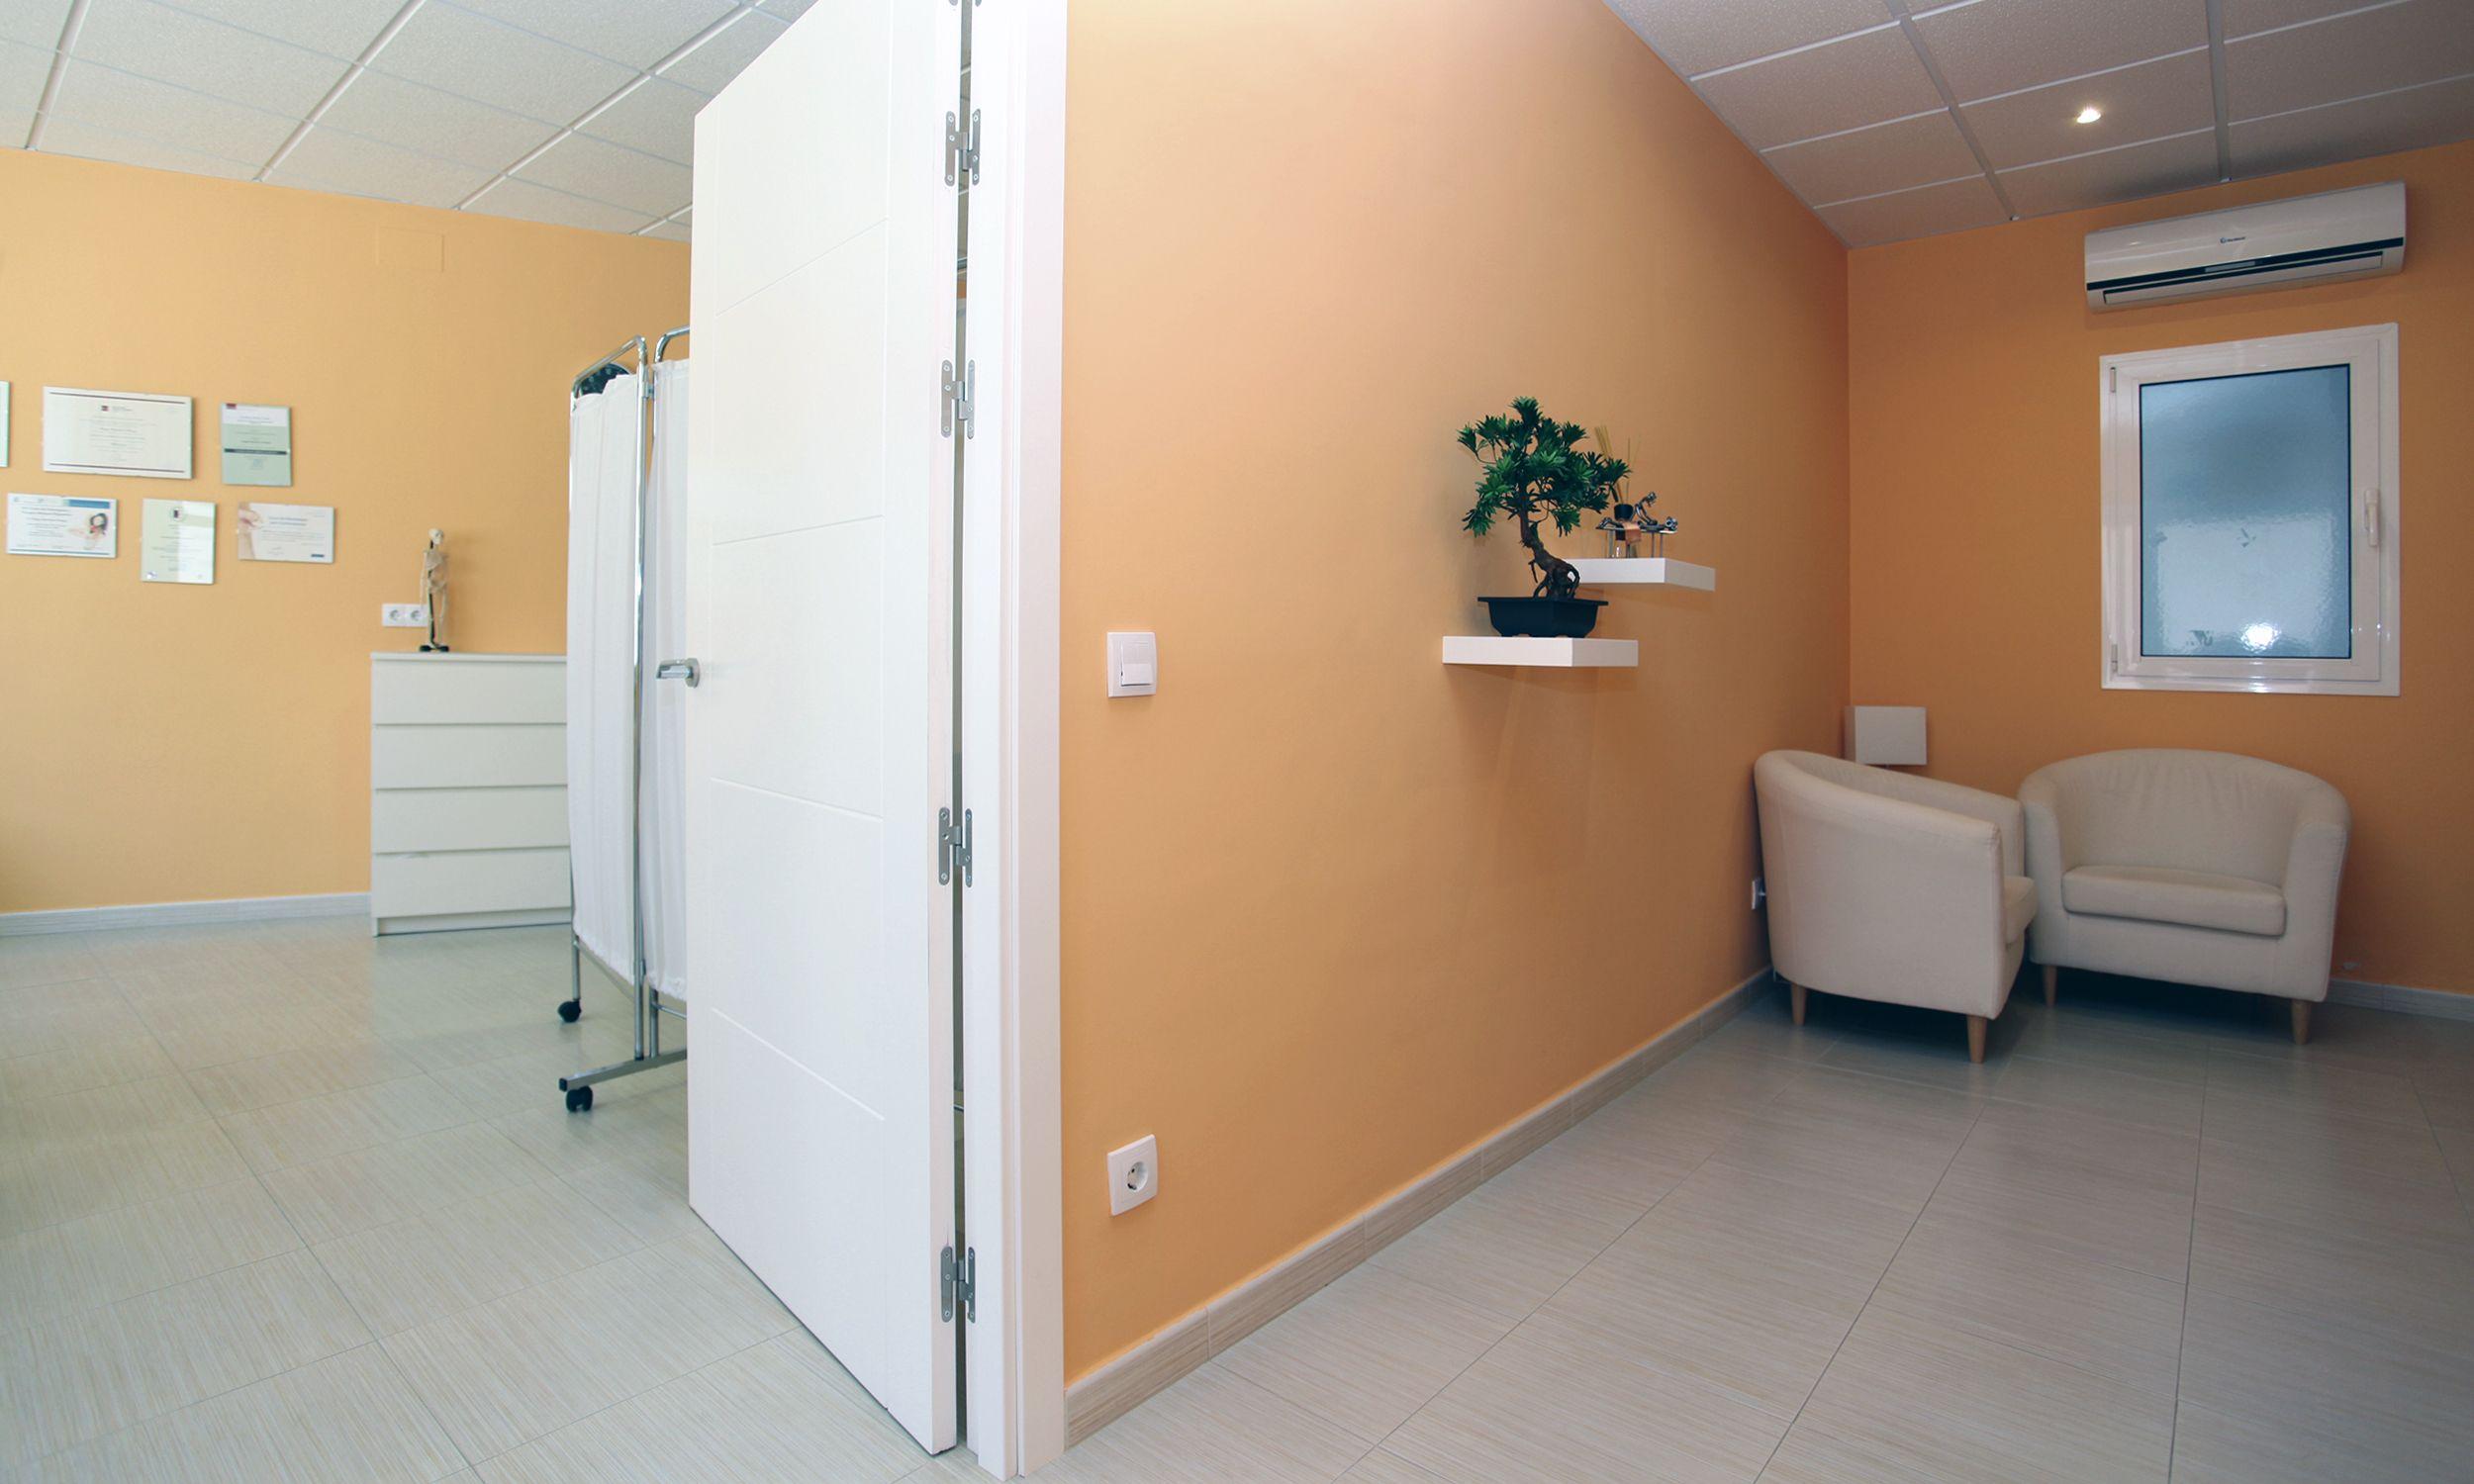 Tratamientos de fisioterapia en Madridejos